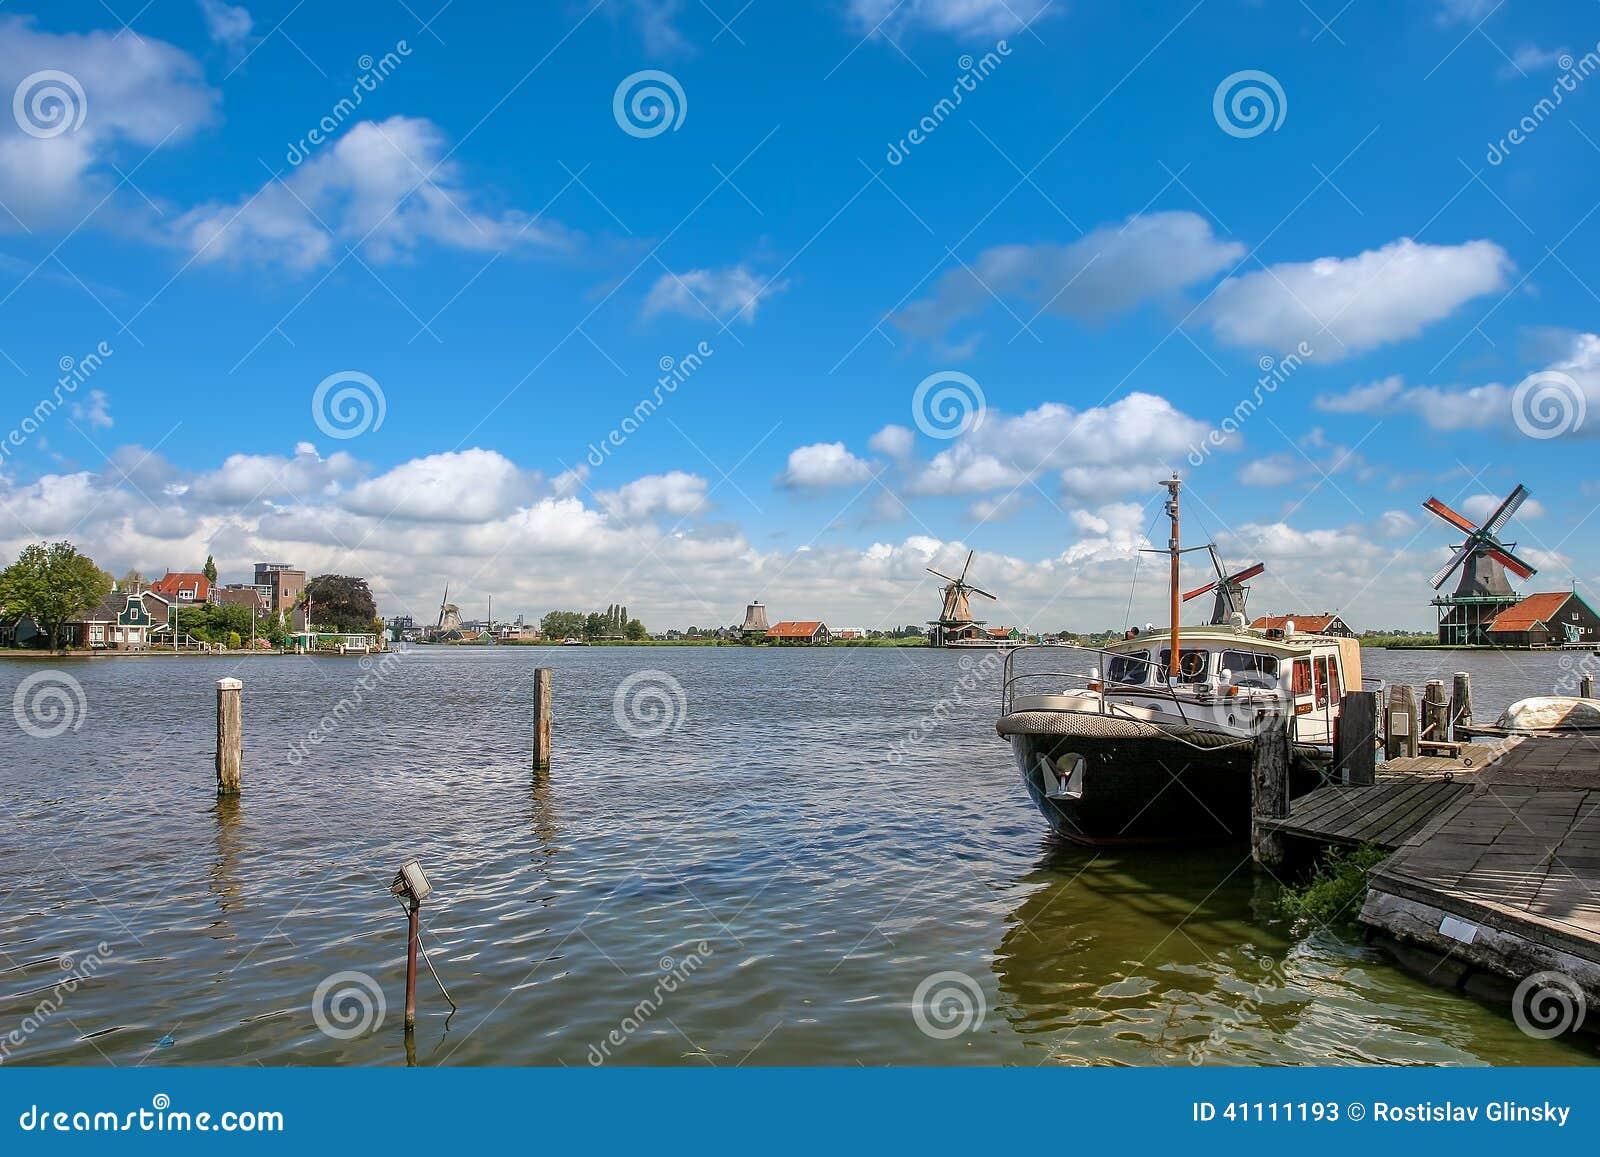 Barco no rio na vila holandesa